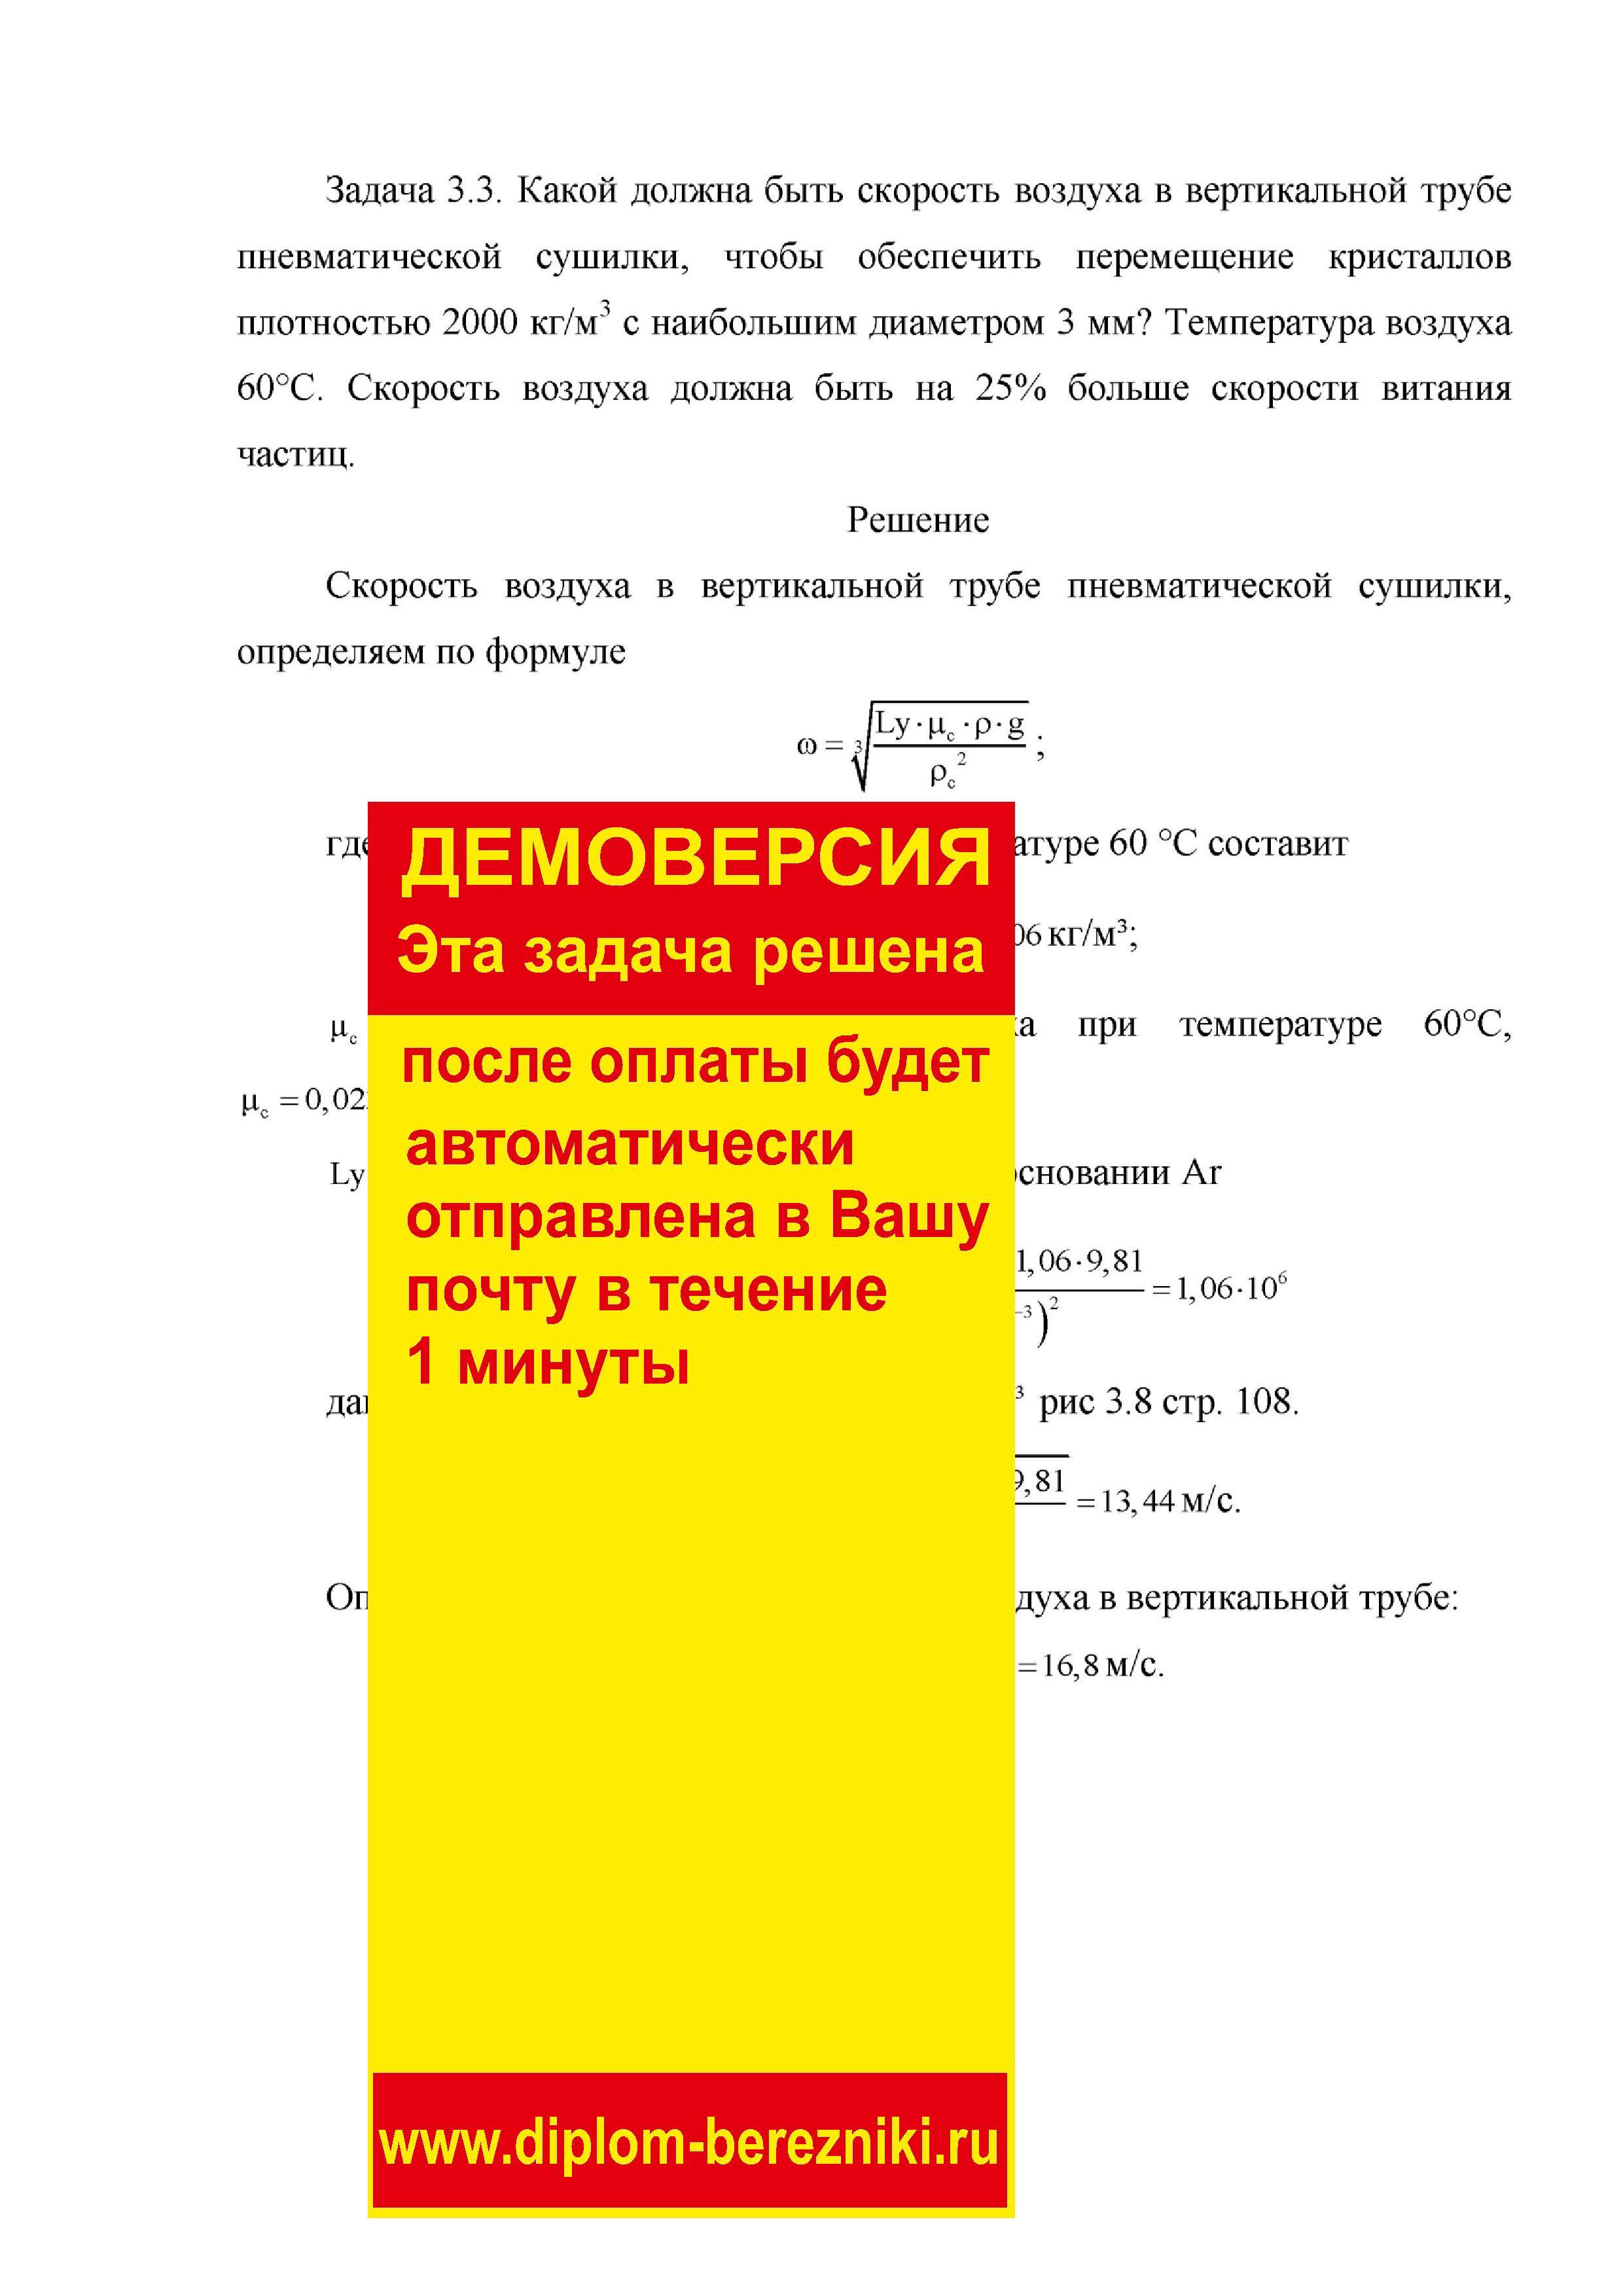 Решение задачи 3.3 по ПАХТ из задачника Павлова Романкова Носкова